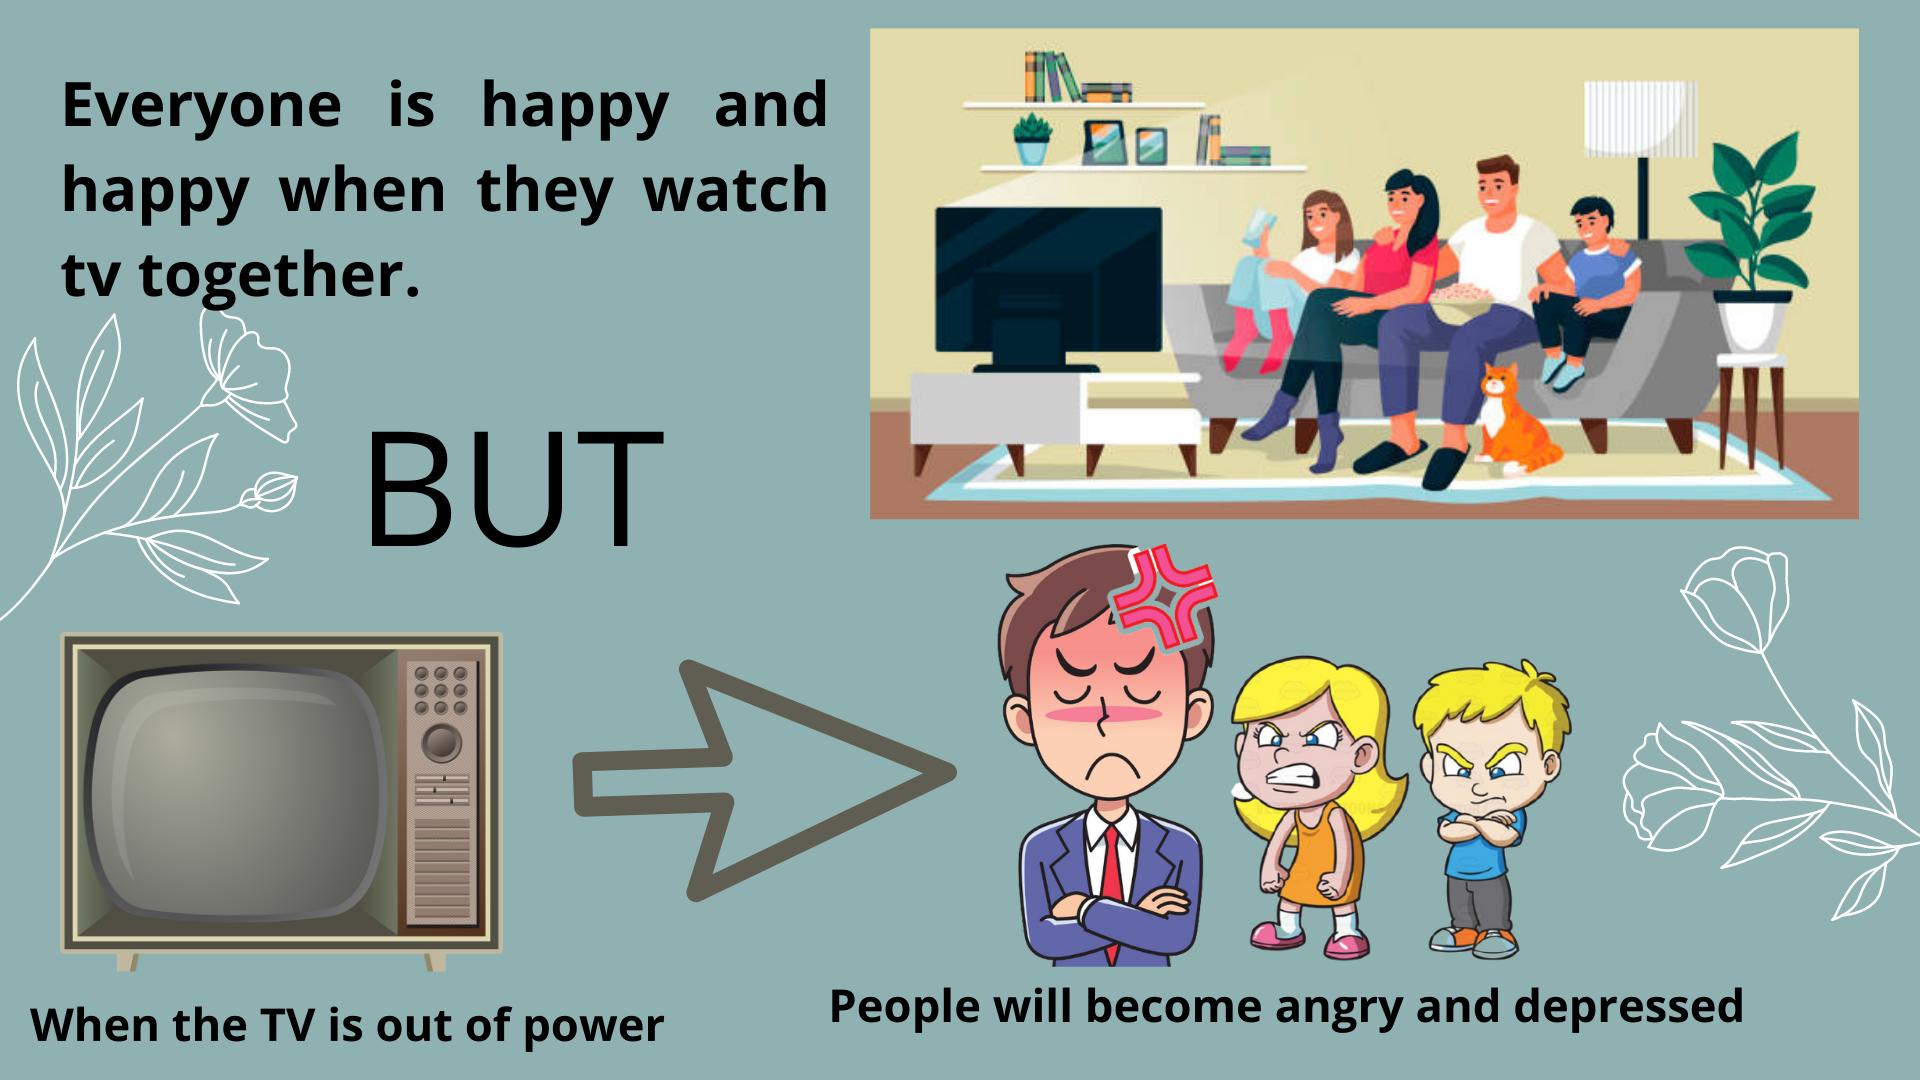 Tivi Sharp mất nguồn đột ngột ảnh hưởng đến cảm xúc của người xem